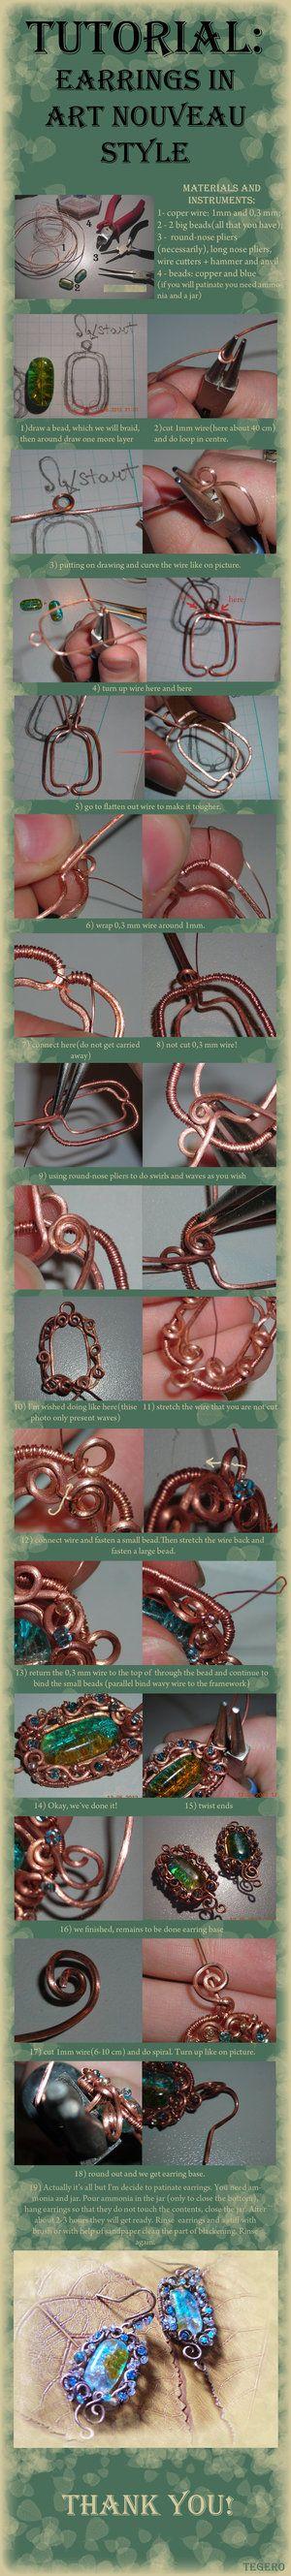 tutorial_earrings_in_art_nouveau_style